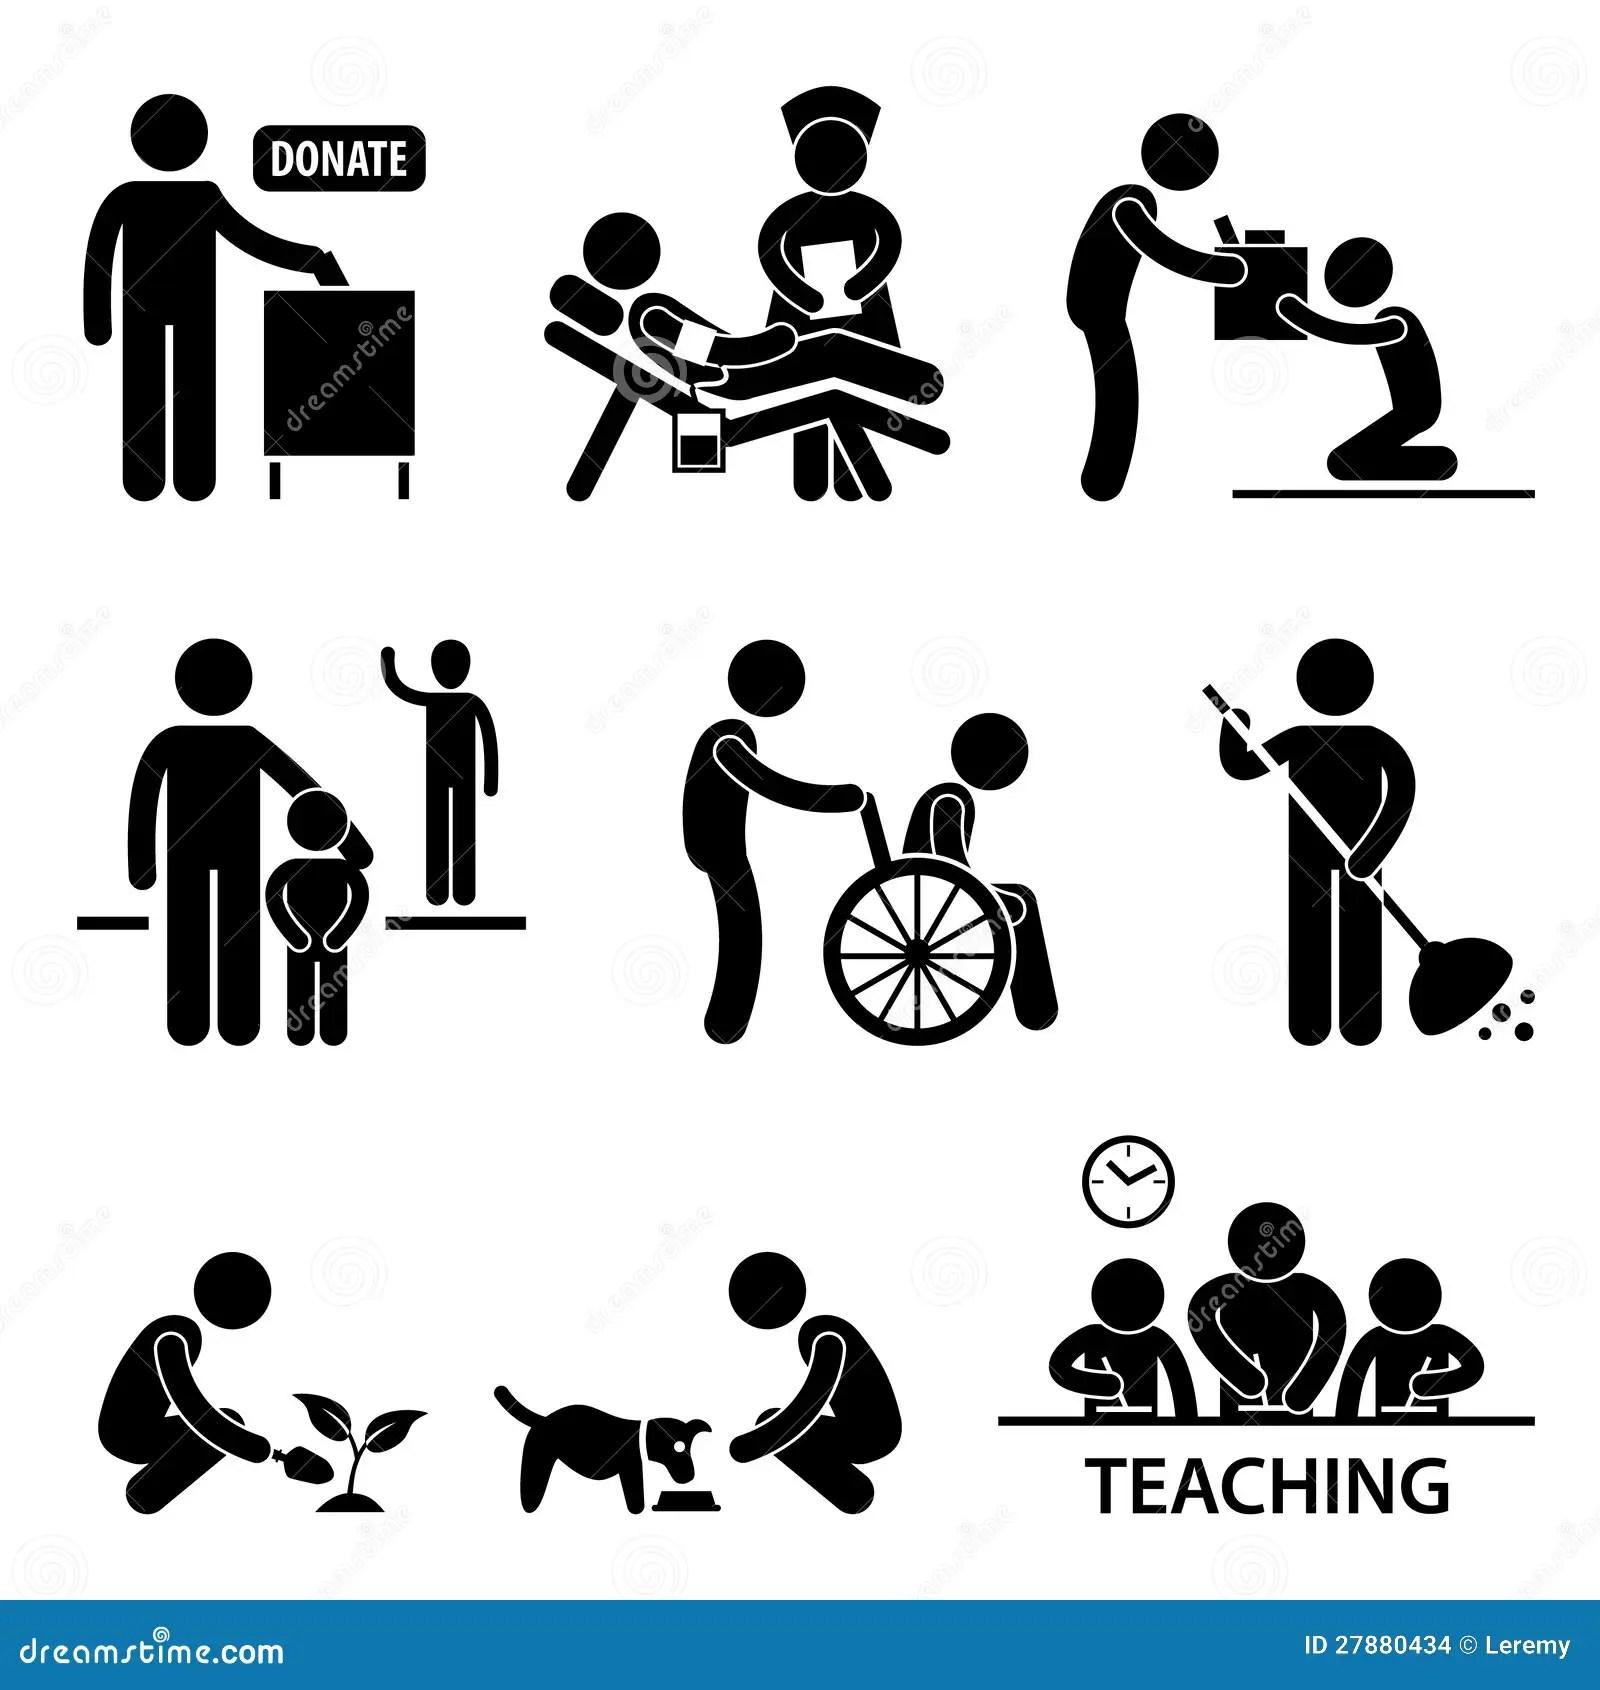 Nachstenliebe Abgabe Freiwilliges Helfendes Piktogramm